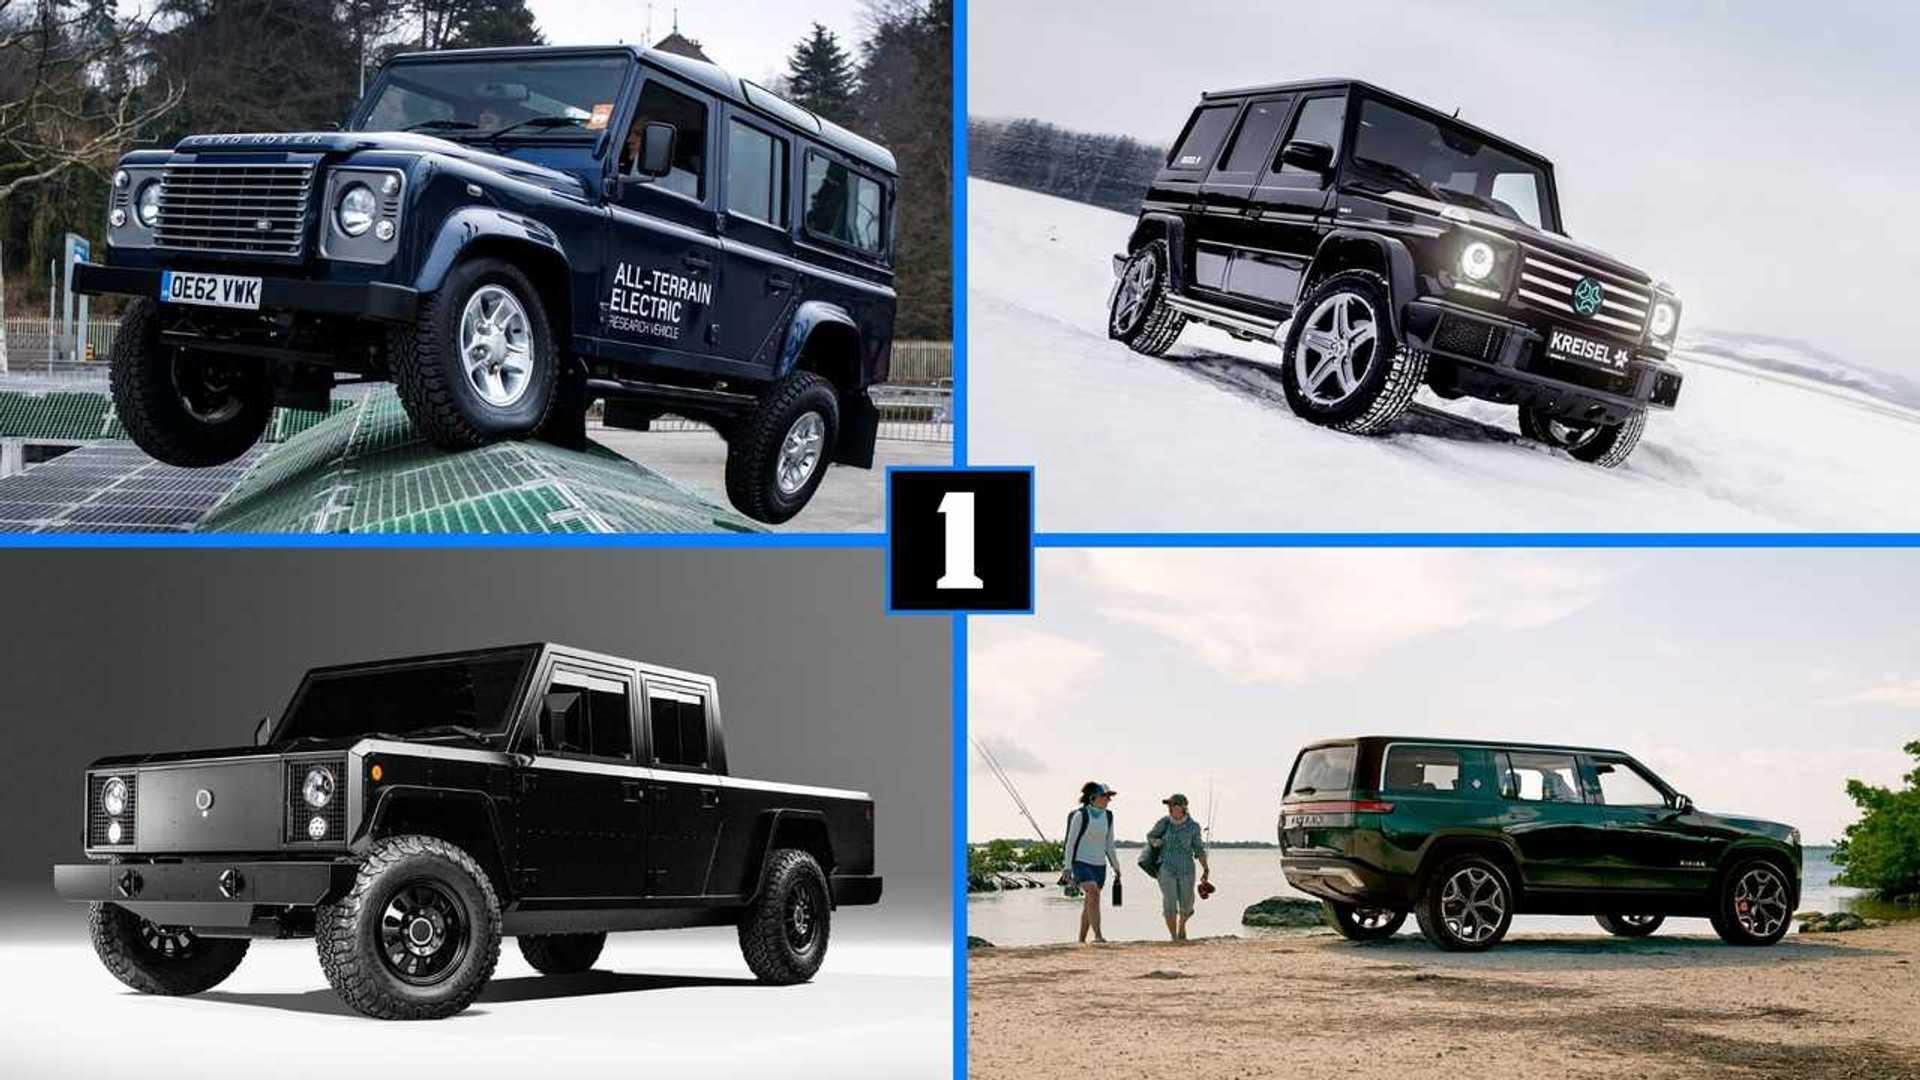 DIAPORAMA - Les gros SUV et pick-ups électriques arrivent !